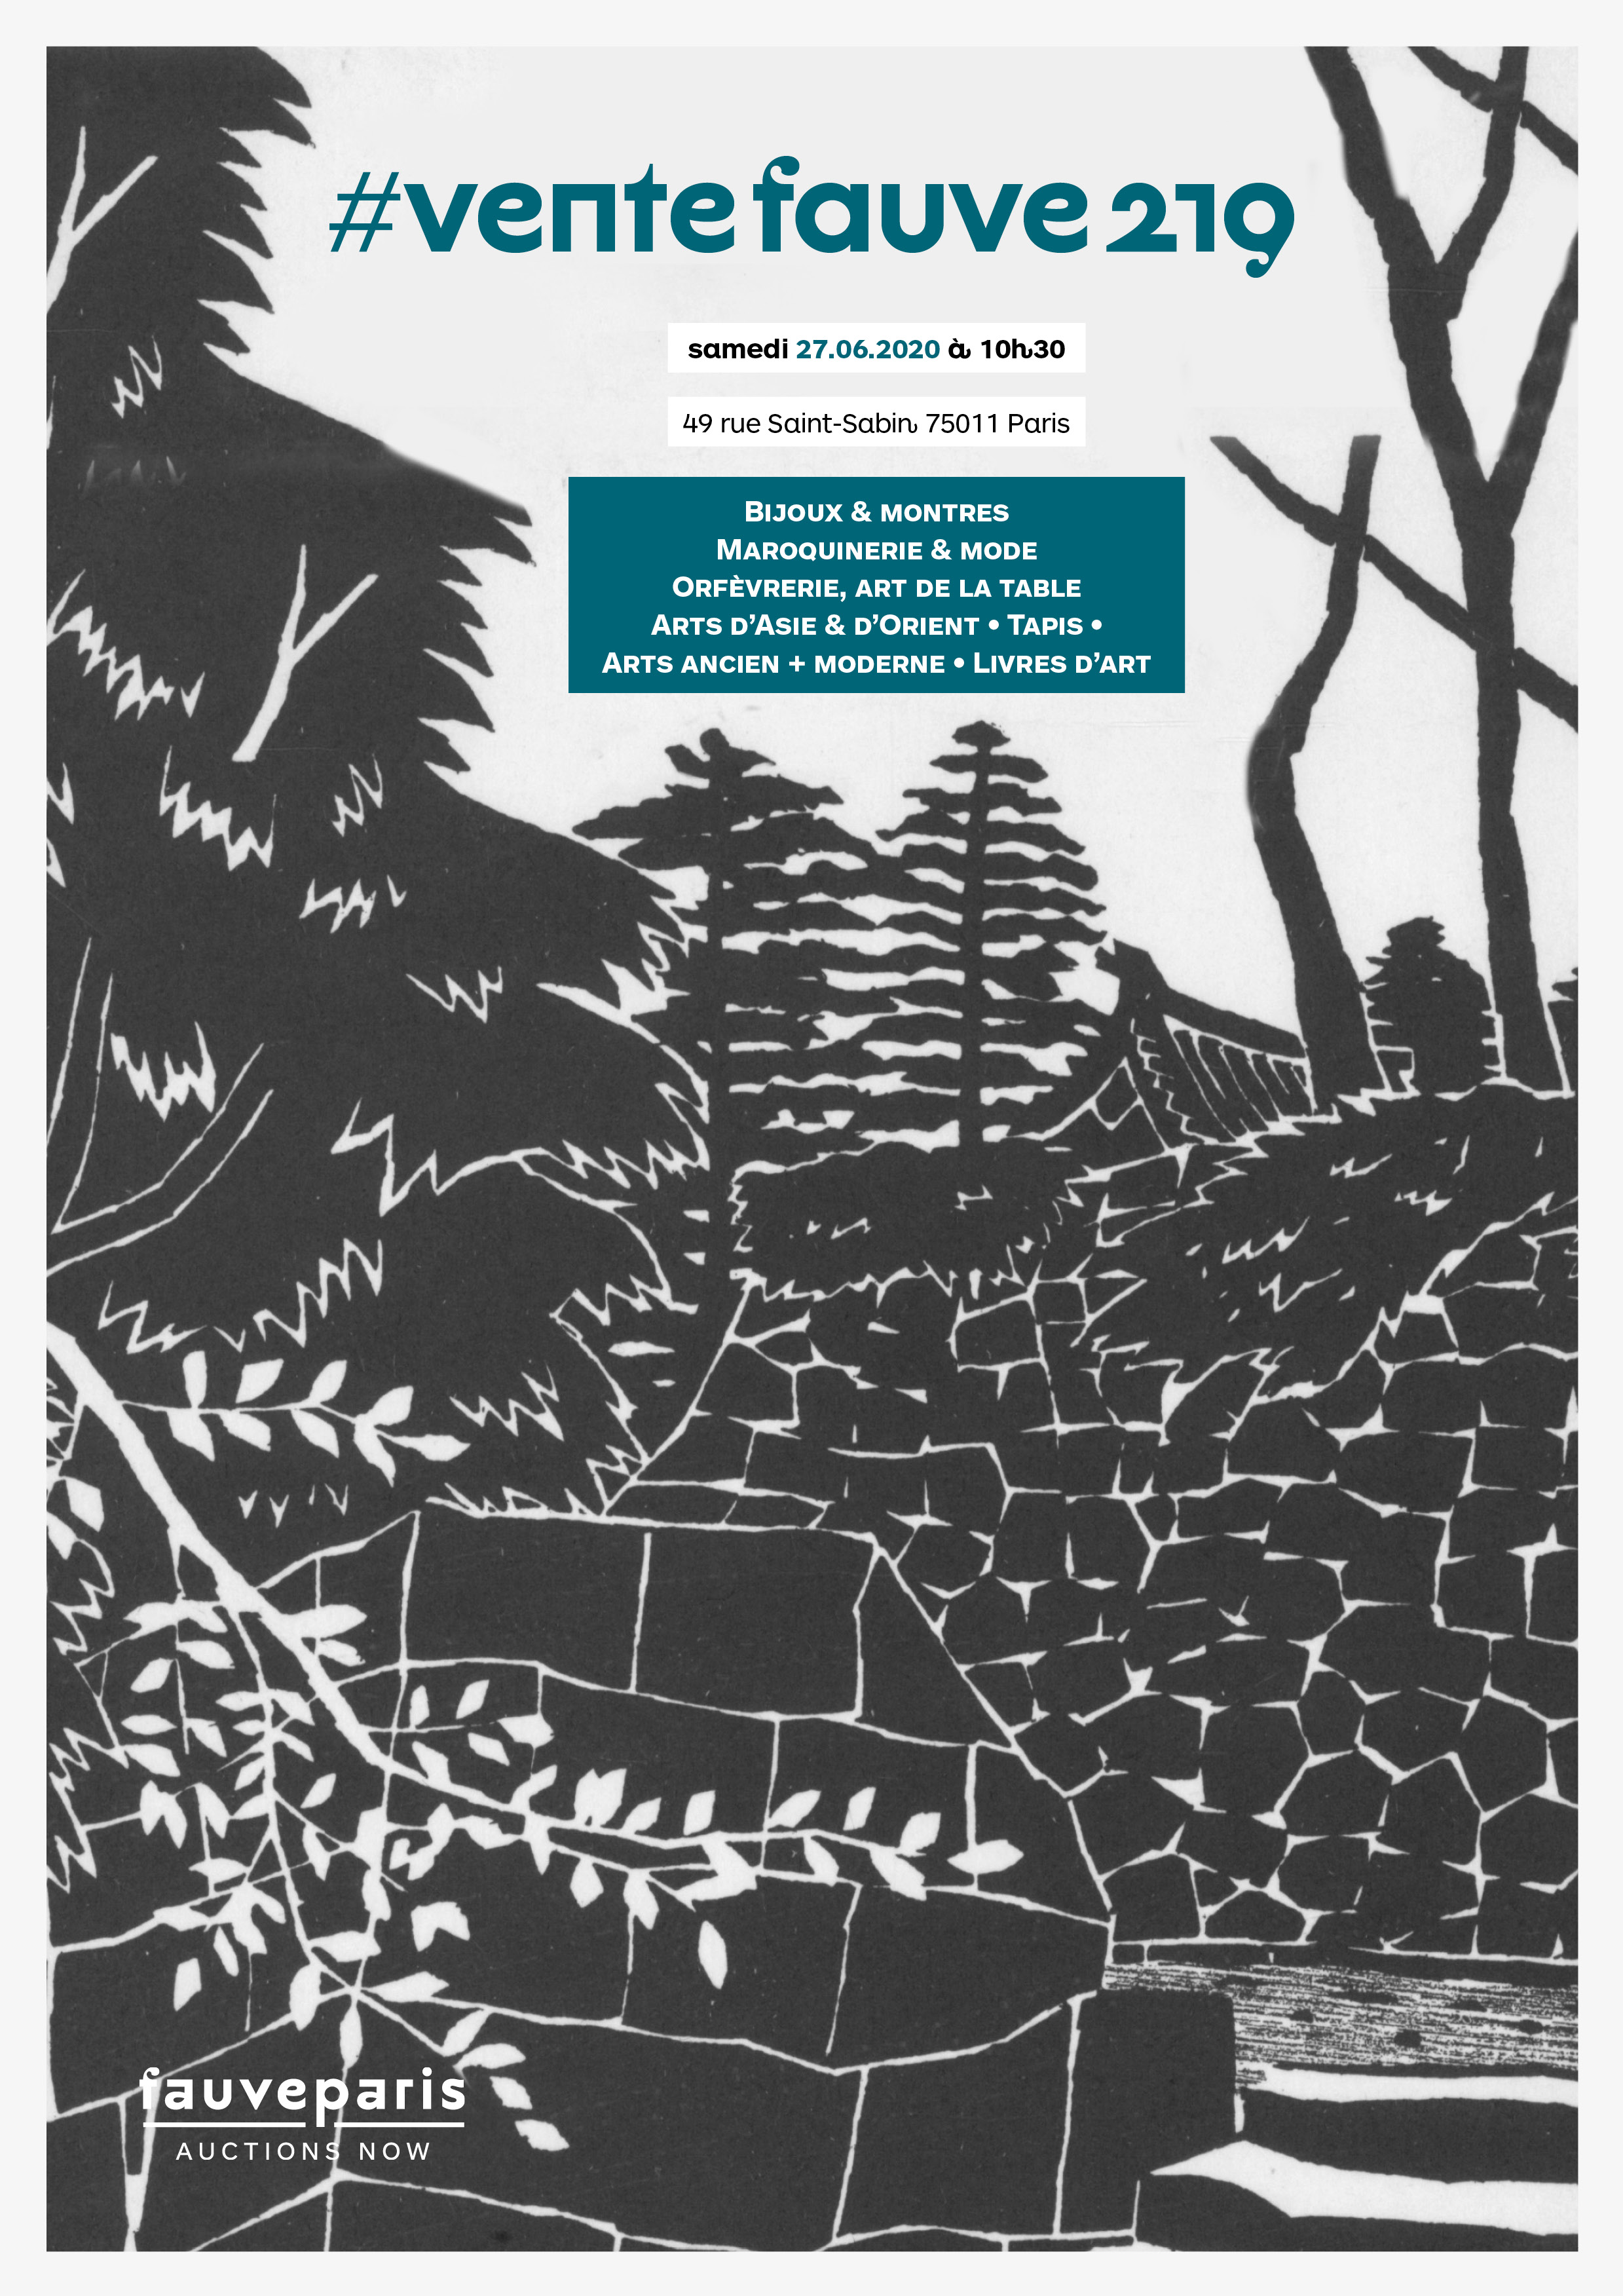 Vente #VenteFauve219 : Bijoux, Maroquinerie, Orfèvrerie, Arts d'Asie & d'Orient, Tapis, Arts ancien & Moderne, Livres chez FauveParis : 66 lots